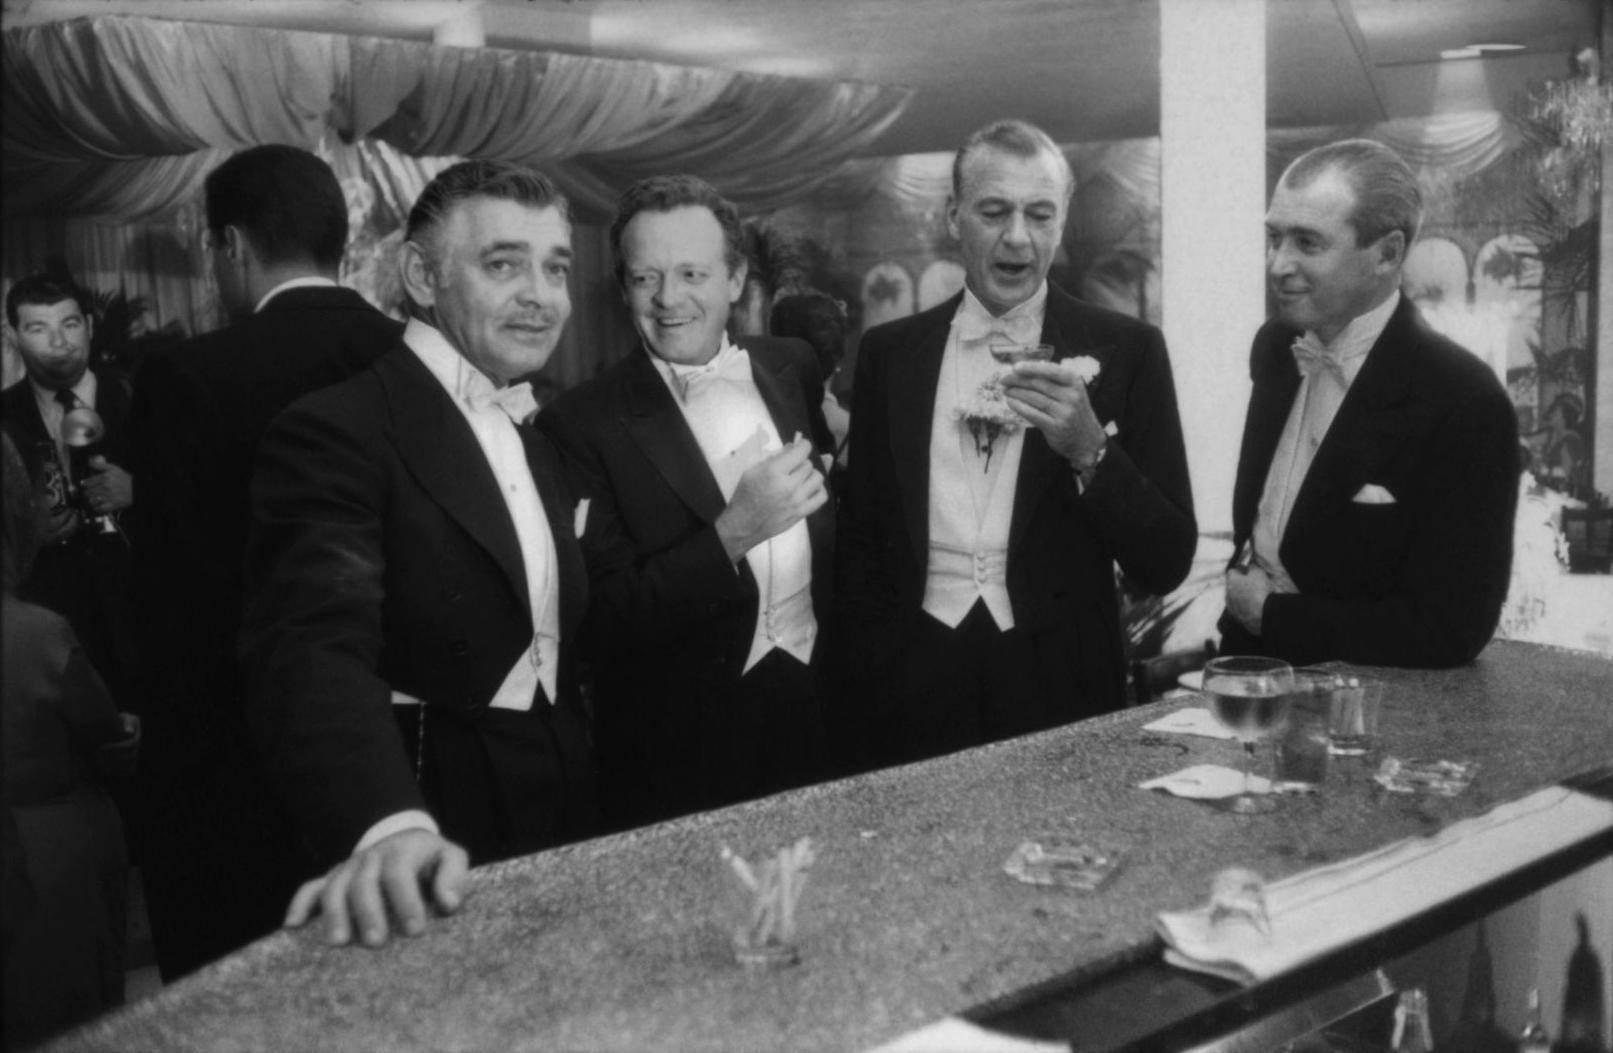 1957. Кларк Гейбл, Ван Хефлин, Гари Купер и Джеймс Стюарт наслаждаются шутками на новогодней вечеринке, которая проходит у Романовых в Беверли Хиллз.…